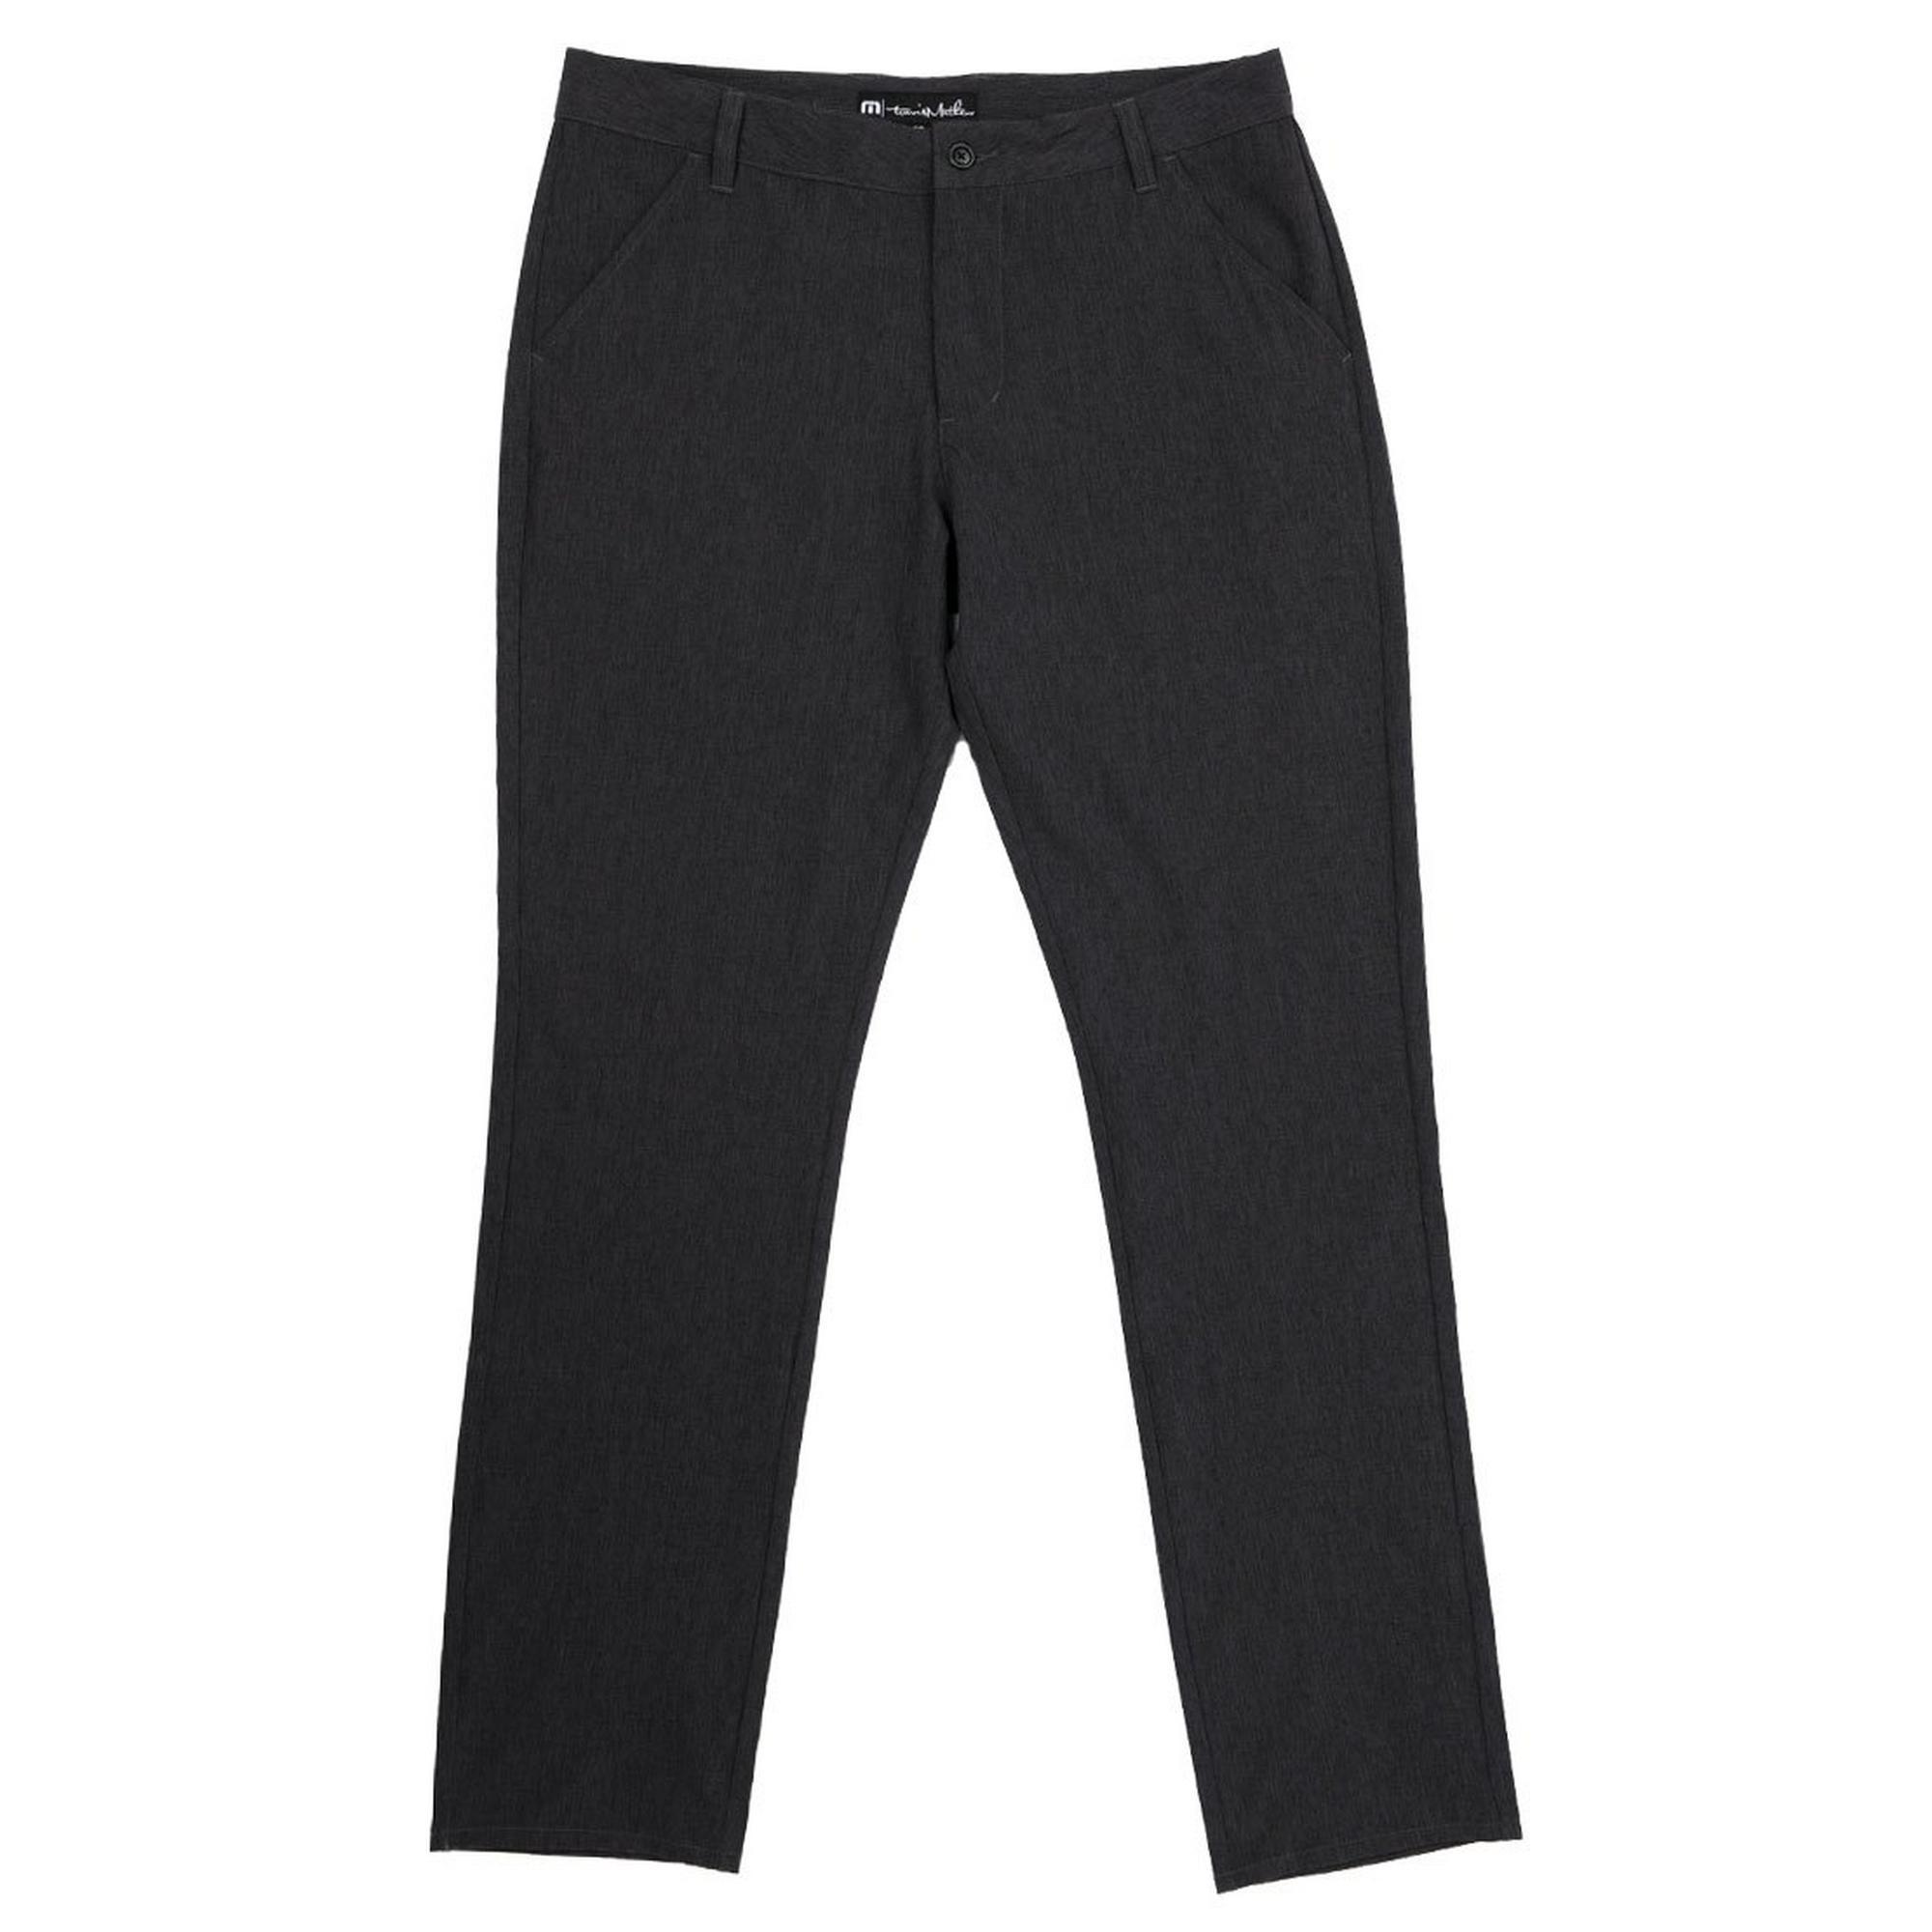 Pantalon Pantladdium à devant plat pour hommes